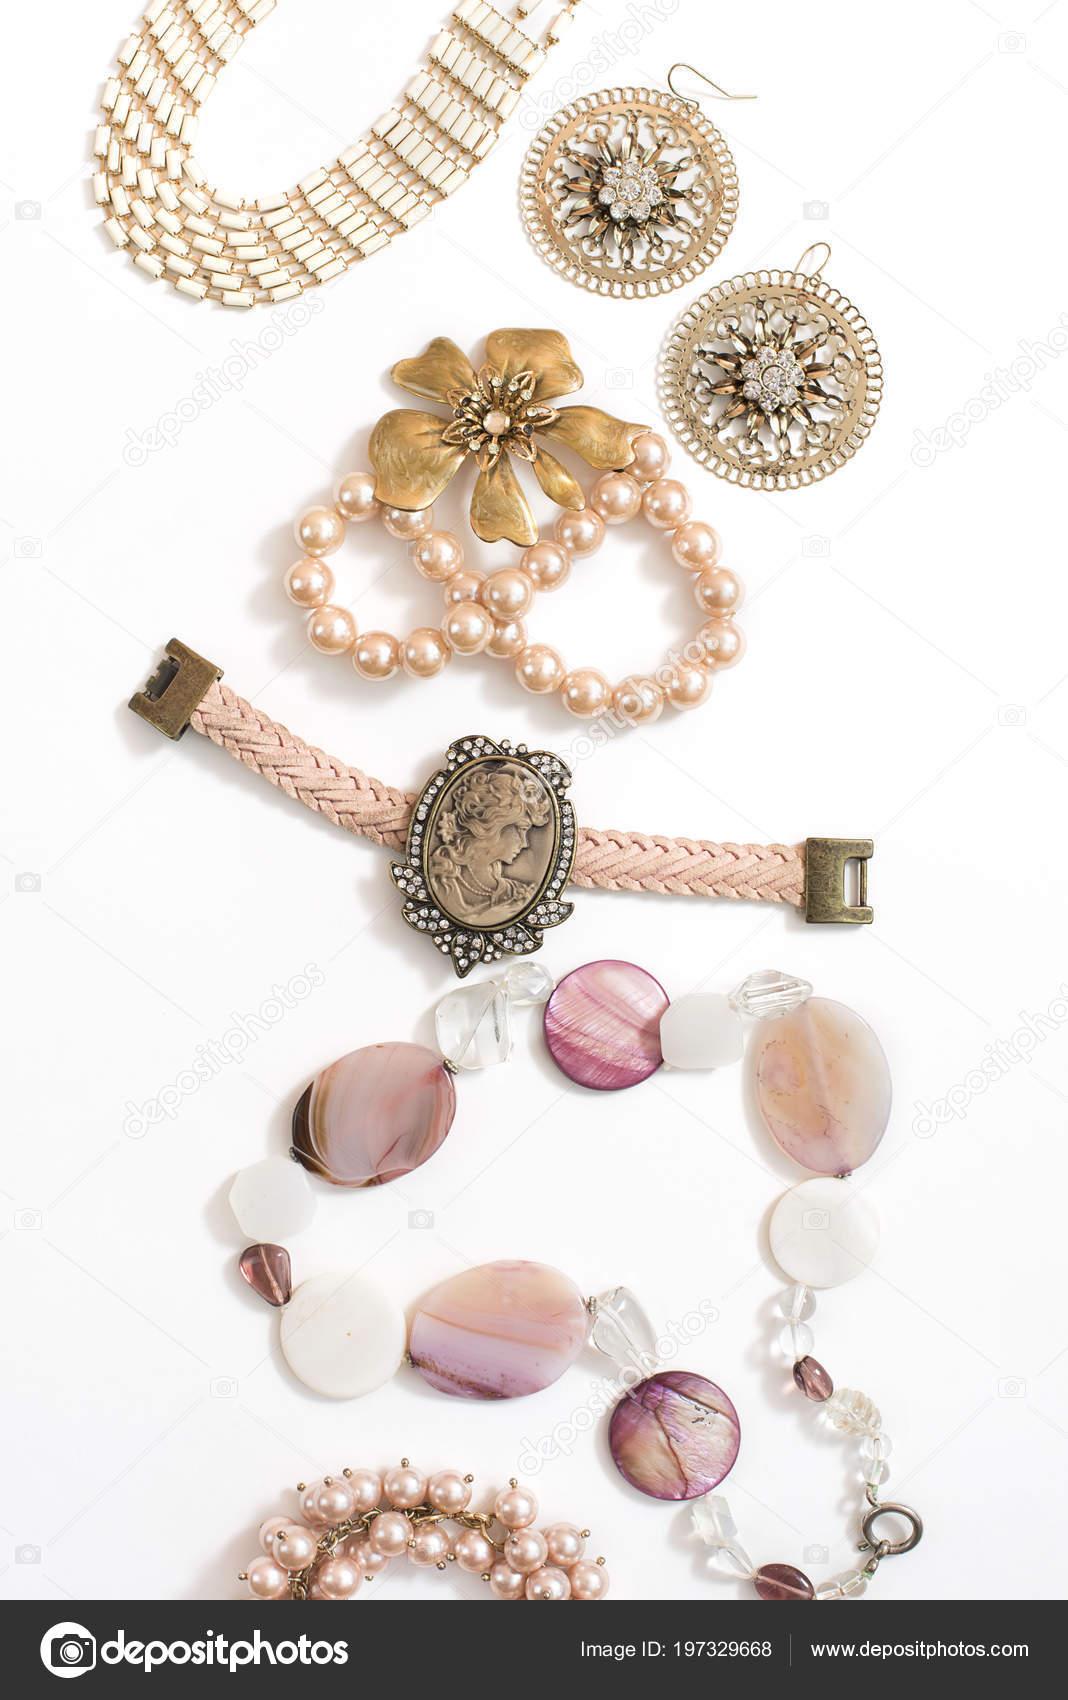 4d47f2c6a954 Conjunto de joyería de las mujeres en estilo vintage camafeo perla cadena  pendientes sobre fondo blanco. La vista desde la parte superior en posición  plana ...